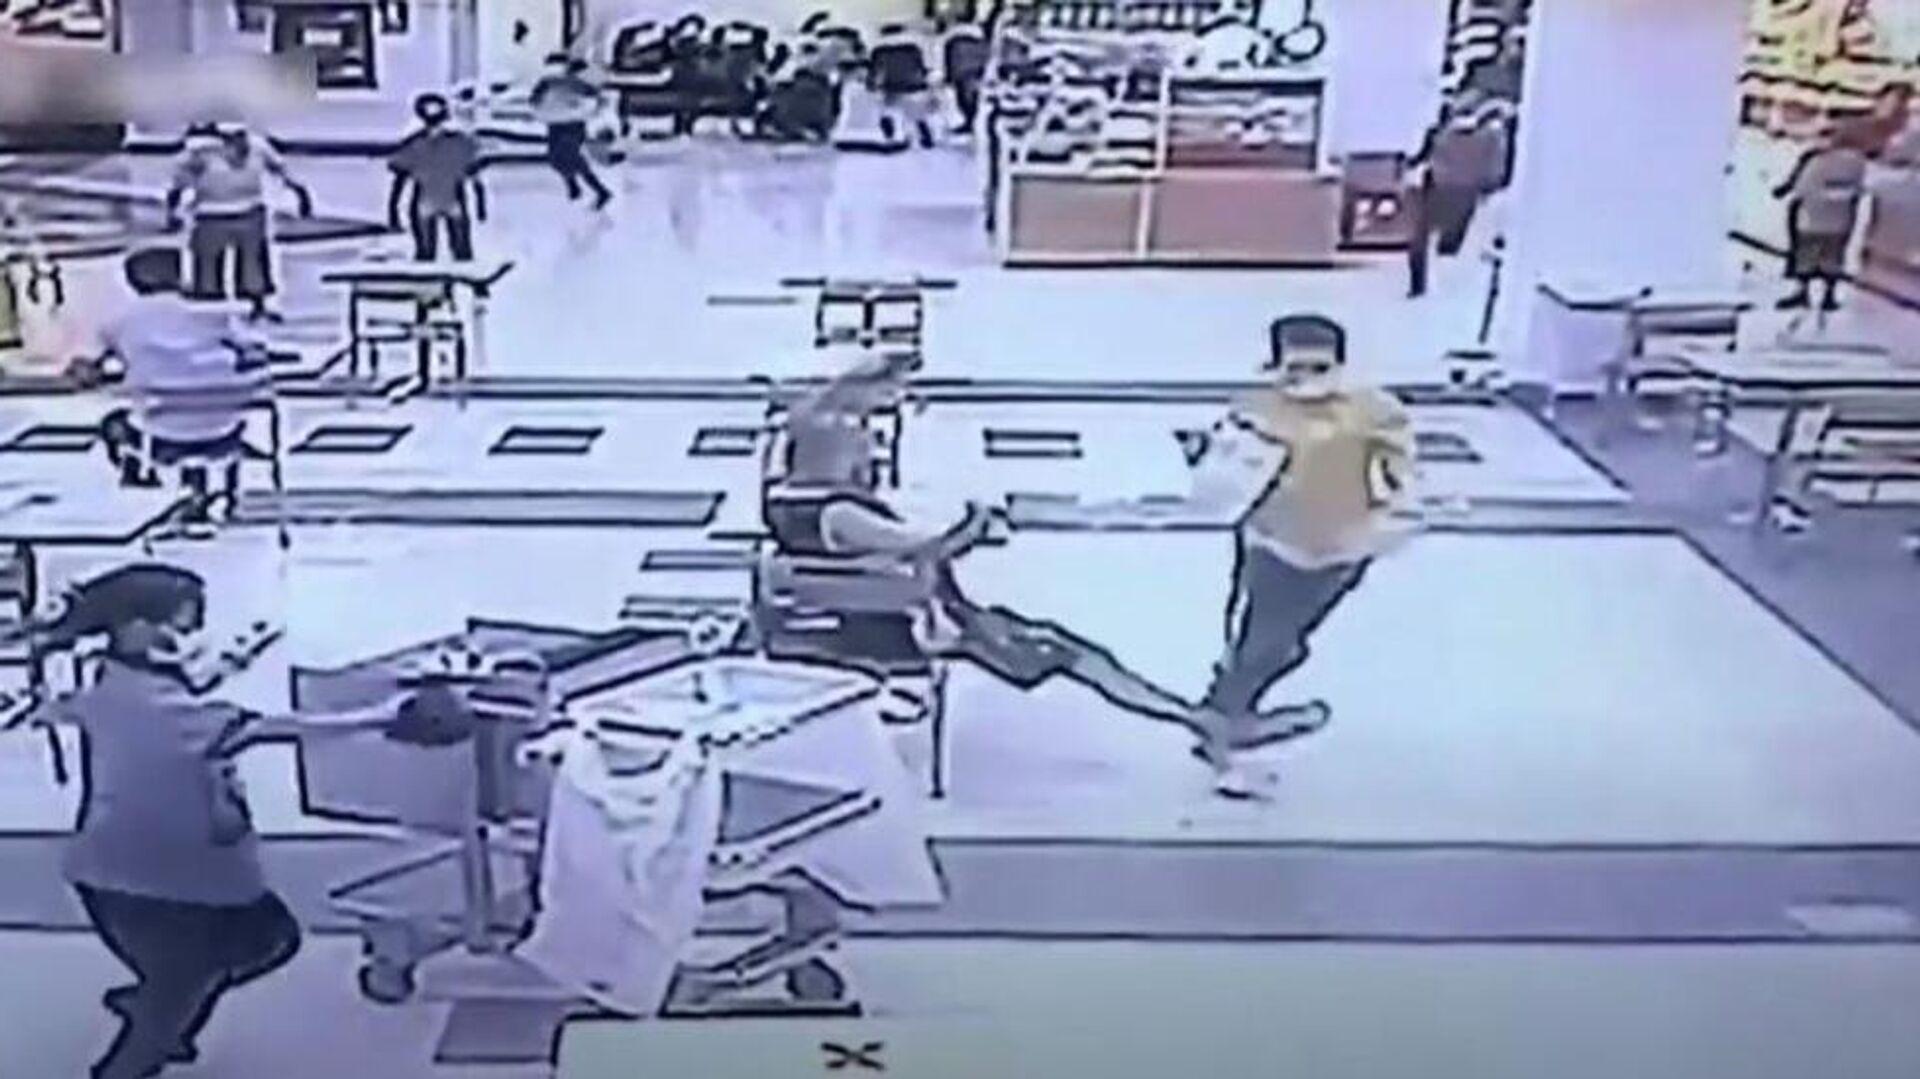 Πελάτης βάζει τρικλοποδιά σε ένοπλη λησταρχίνα σε εμπορικό κέντρο στην Ταϊλάνδη - Sputnik Ελλάδα, 1920, 16.09.2021